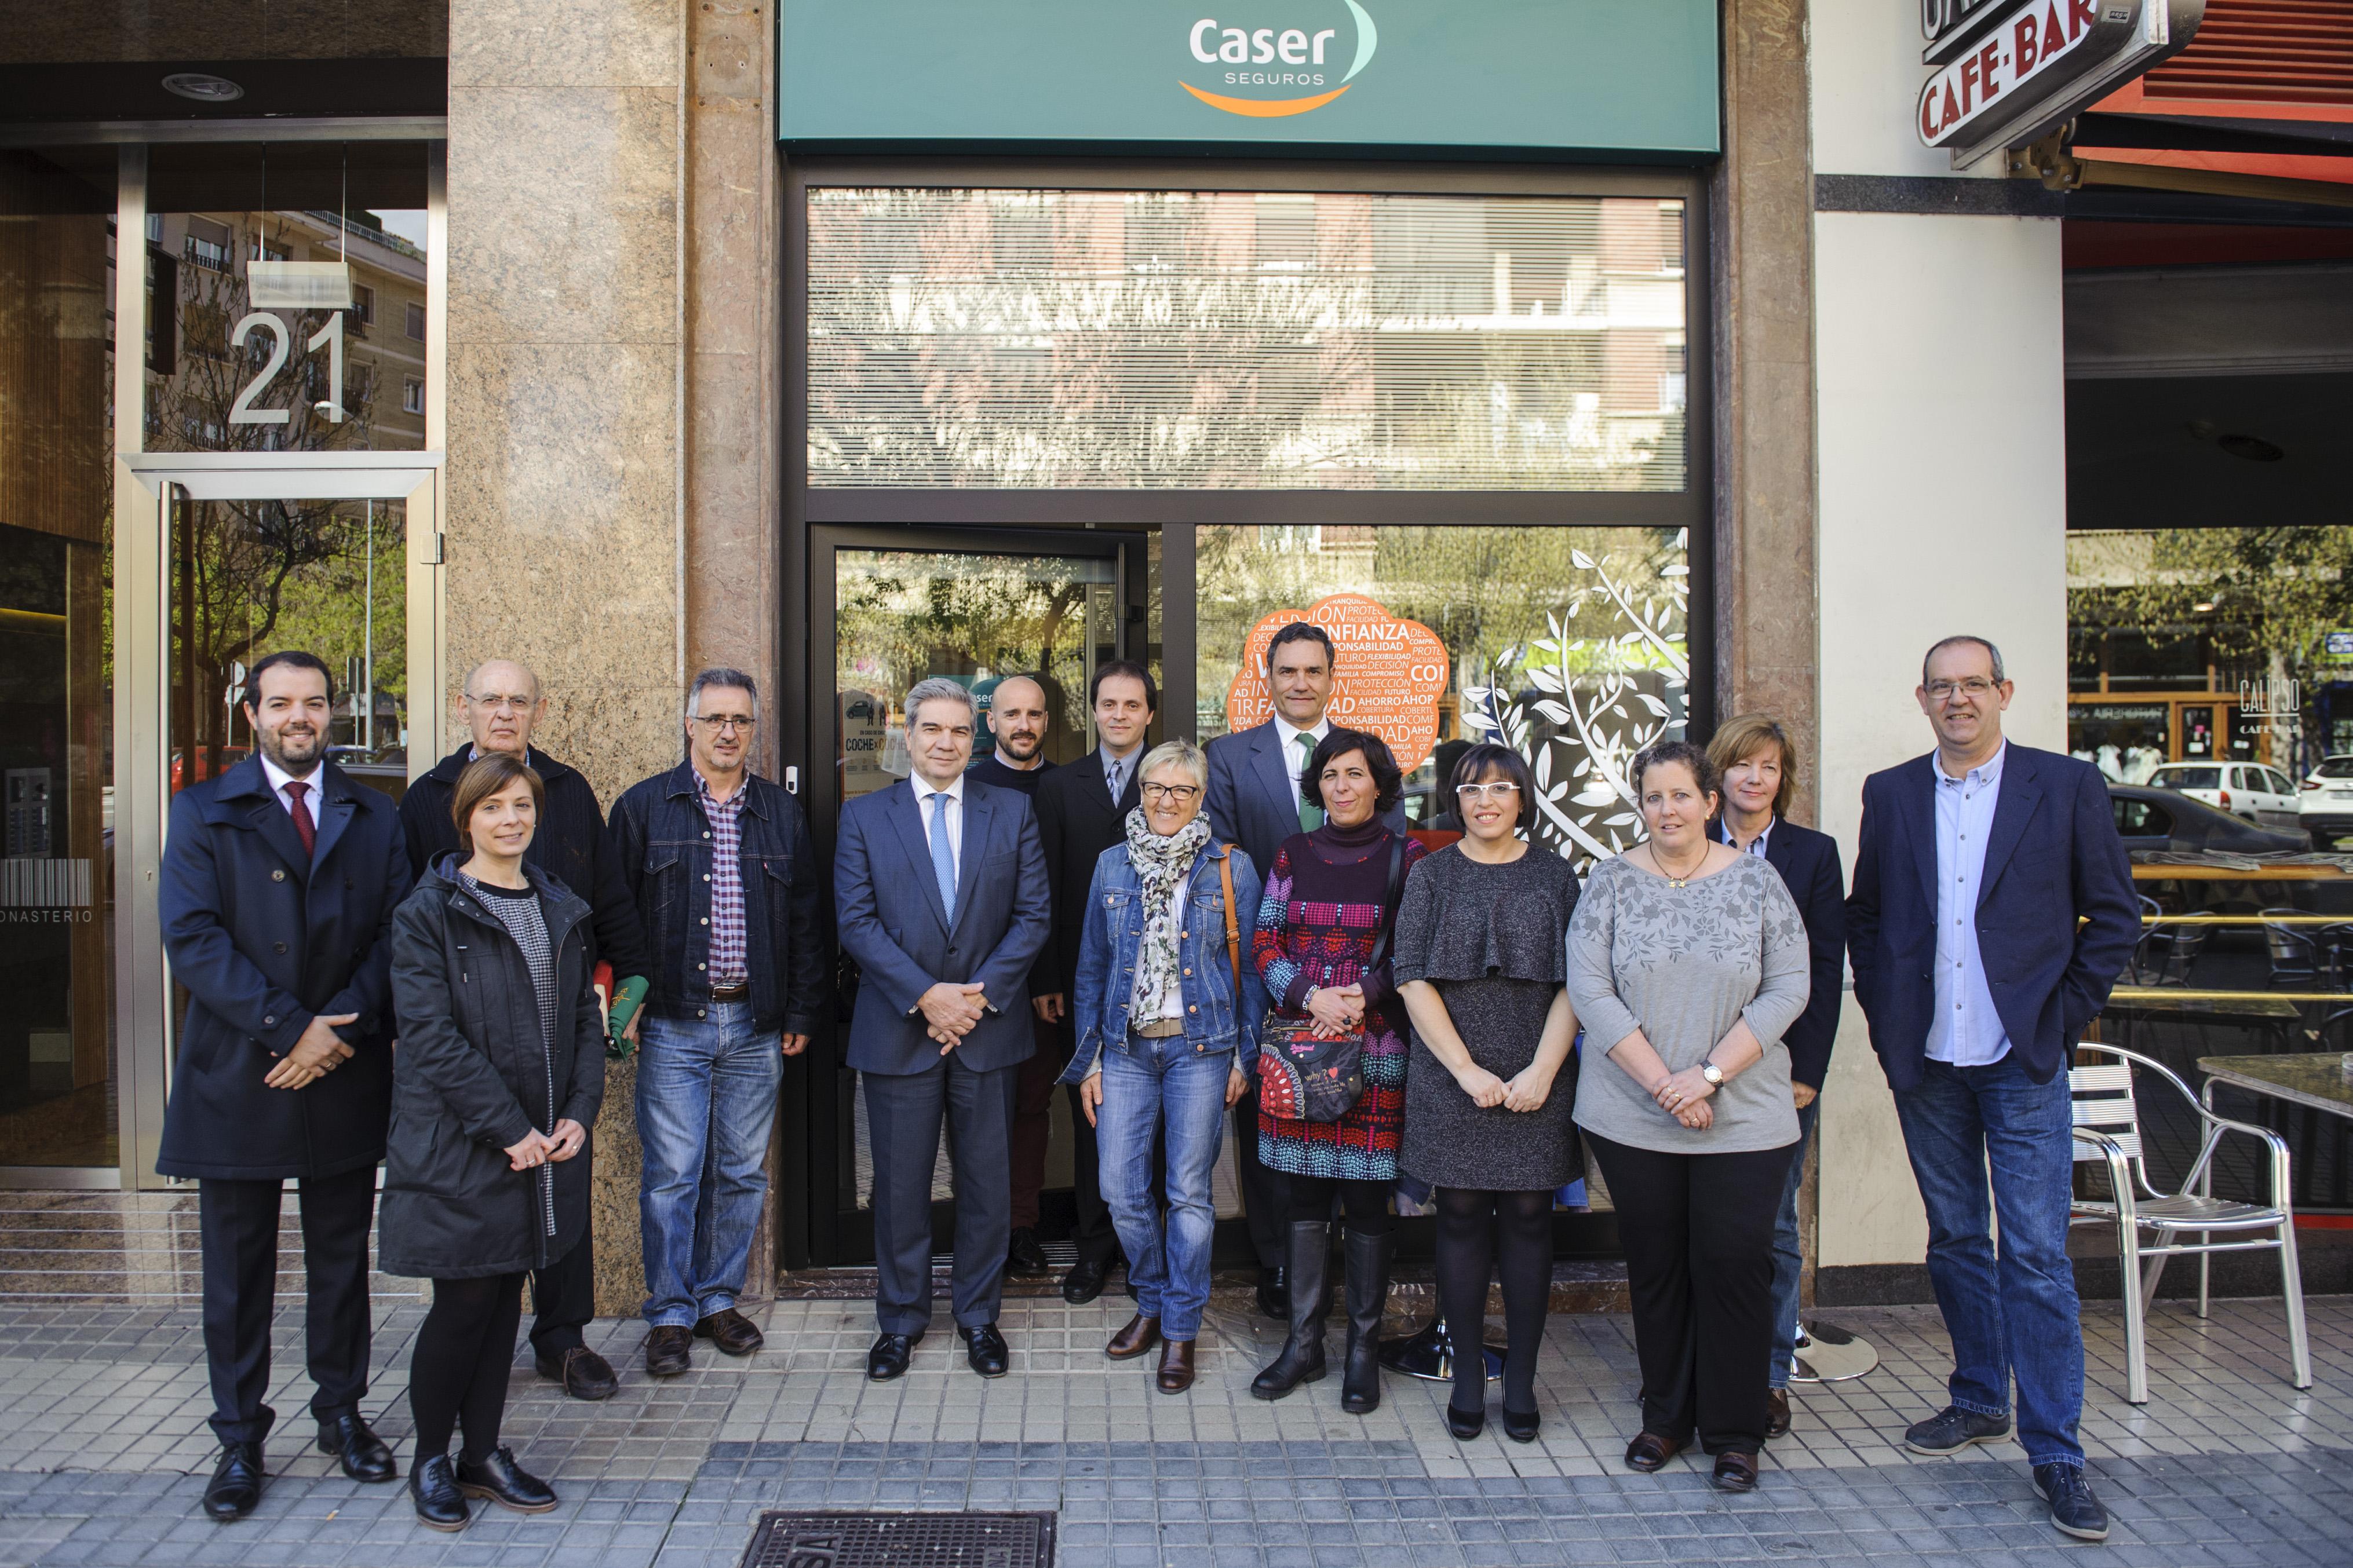 Caser abre una nueva oficina en pamplona grupo aseguranza for Oficinas caser